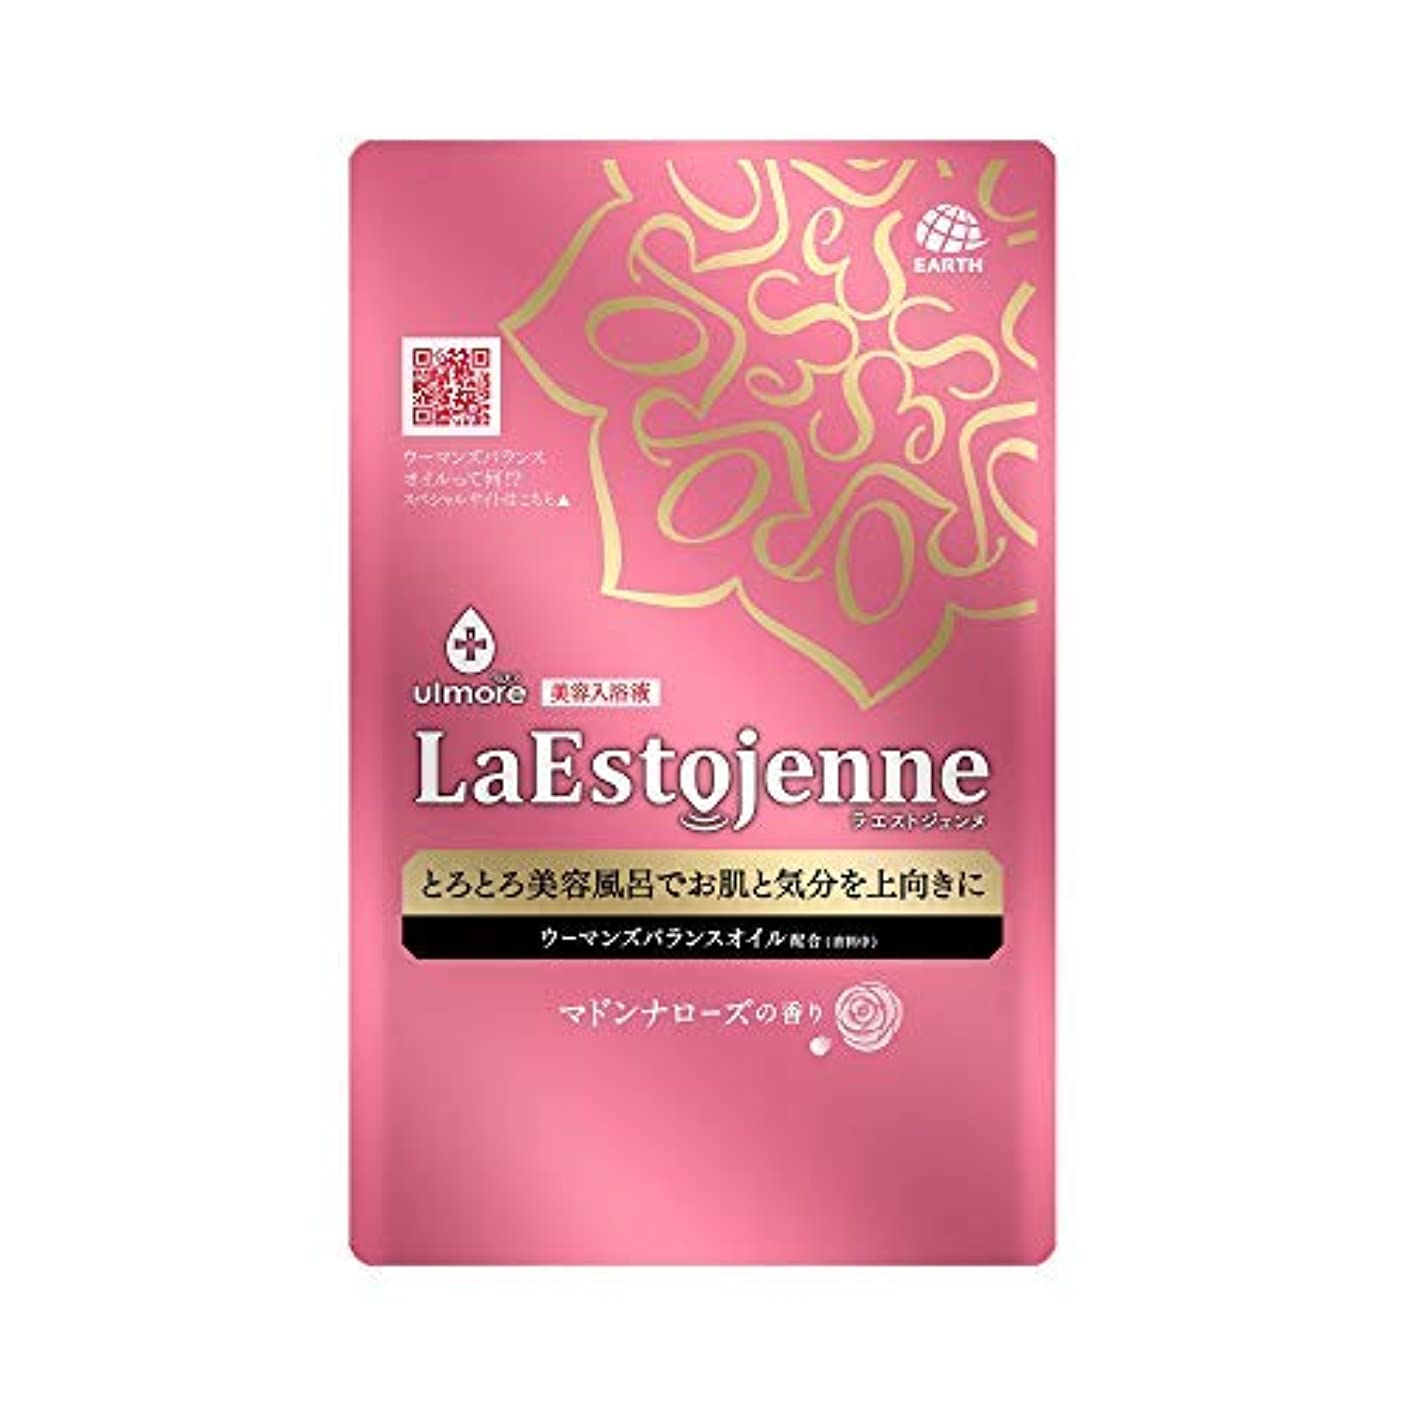 結婚ごちそうロープウルモア ラエストジェンヌ マドンナローズの香り 1包 × 6個セット